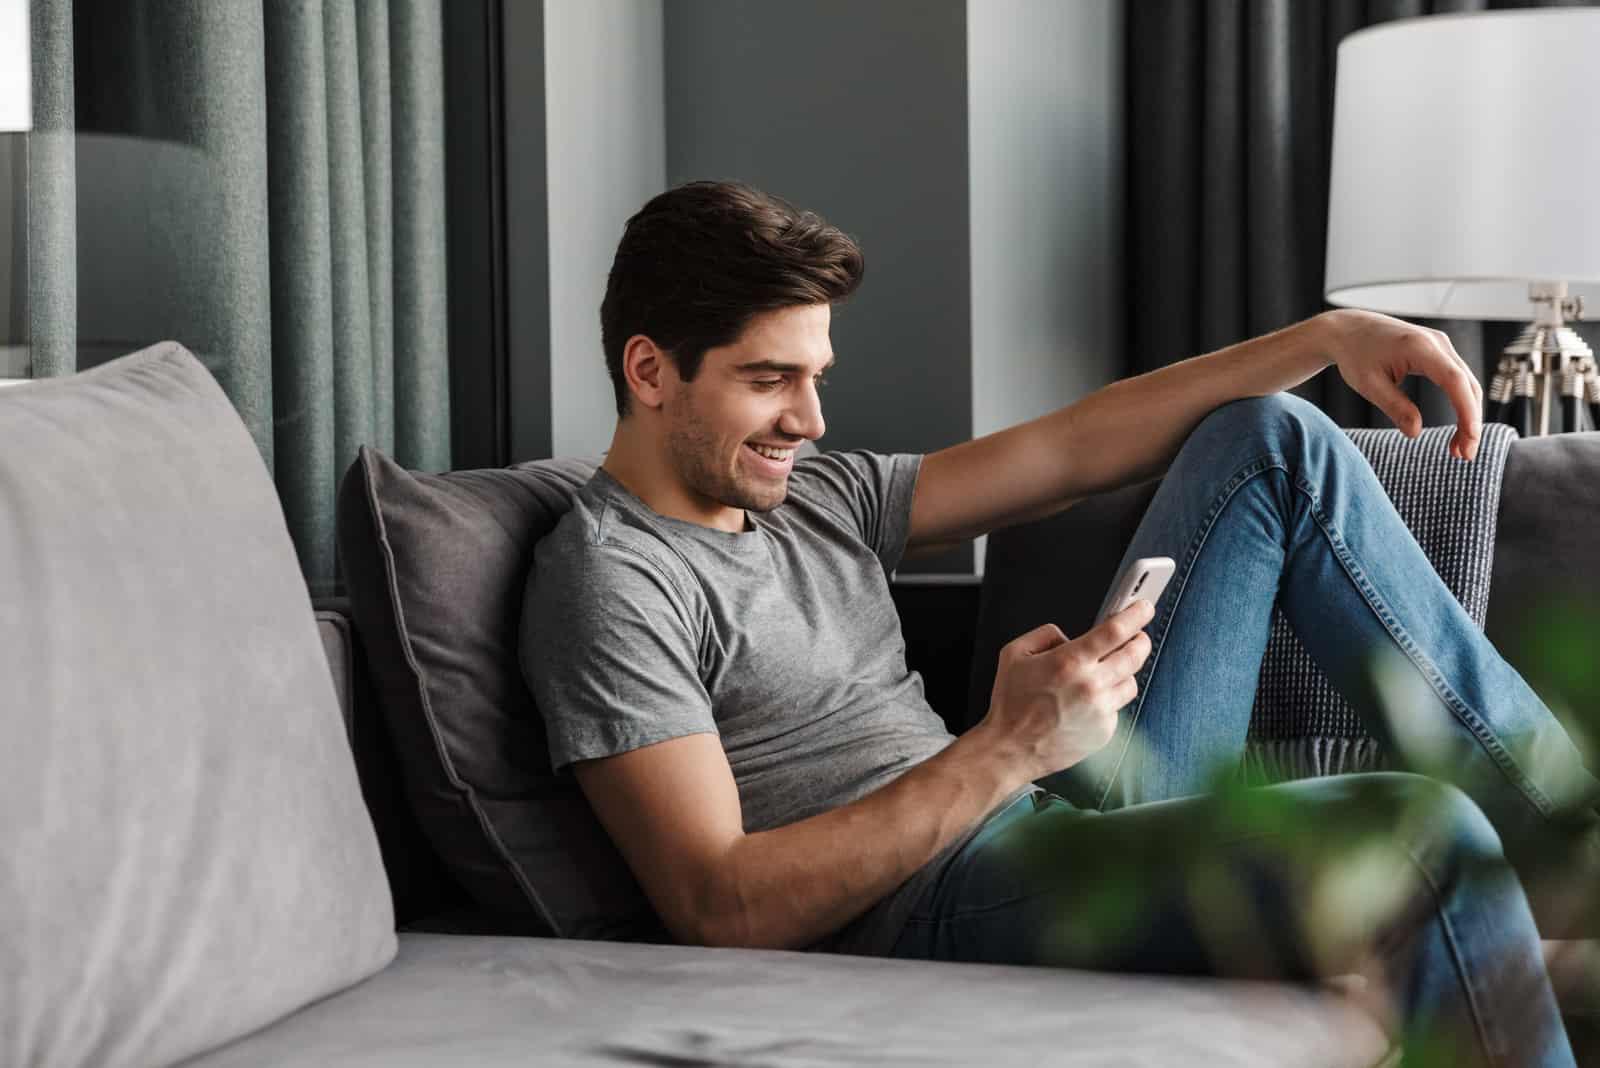 Homme souriant attrayant portant des vêtements décontractés assis dans le salon